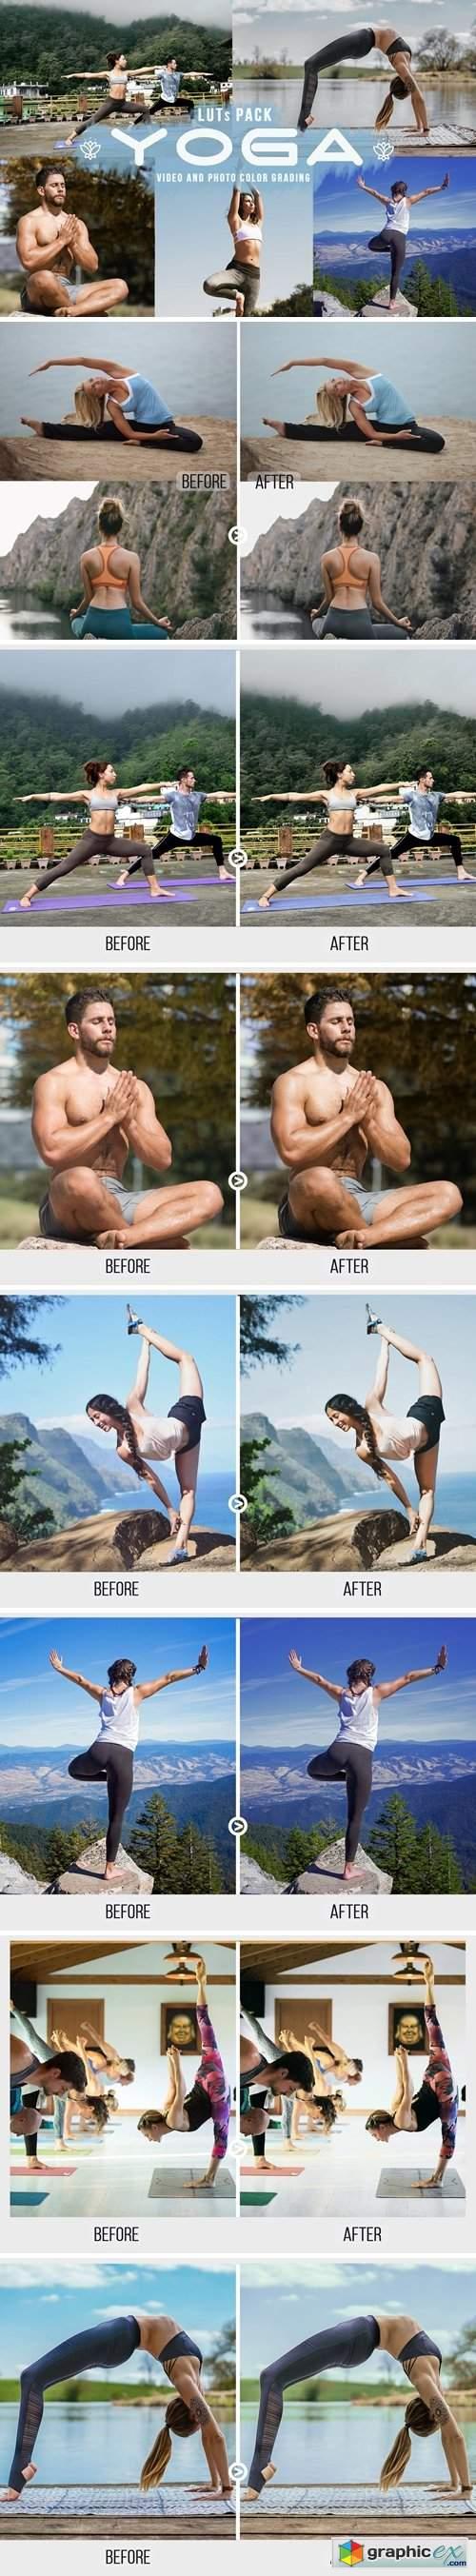 Yoga LUTs - 11 Yoga looks for video creators